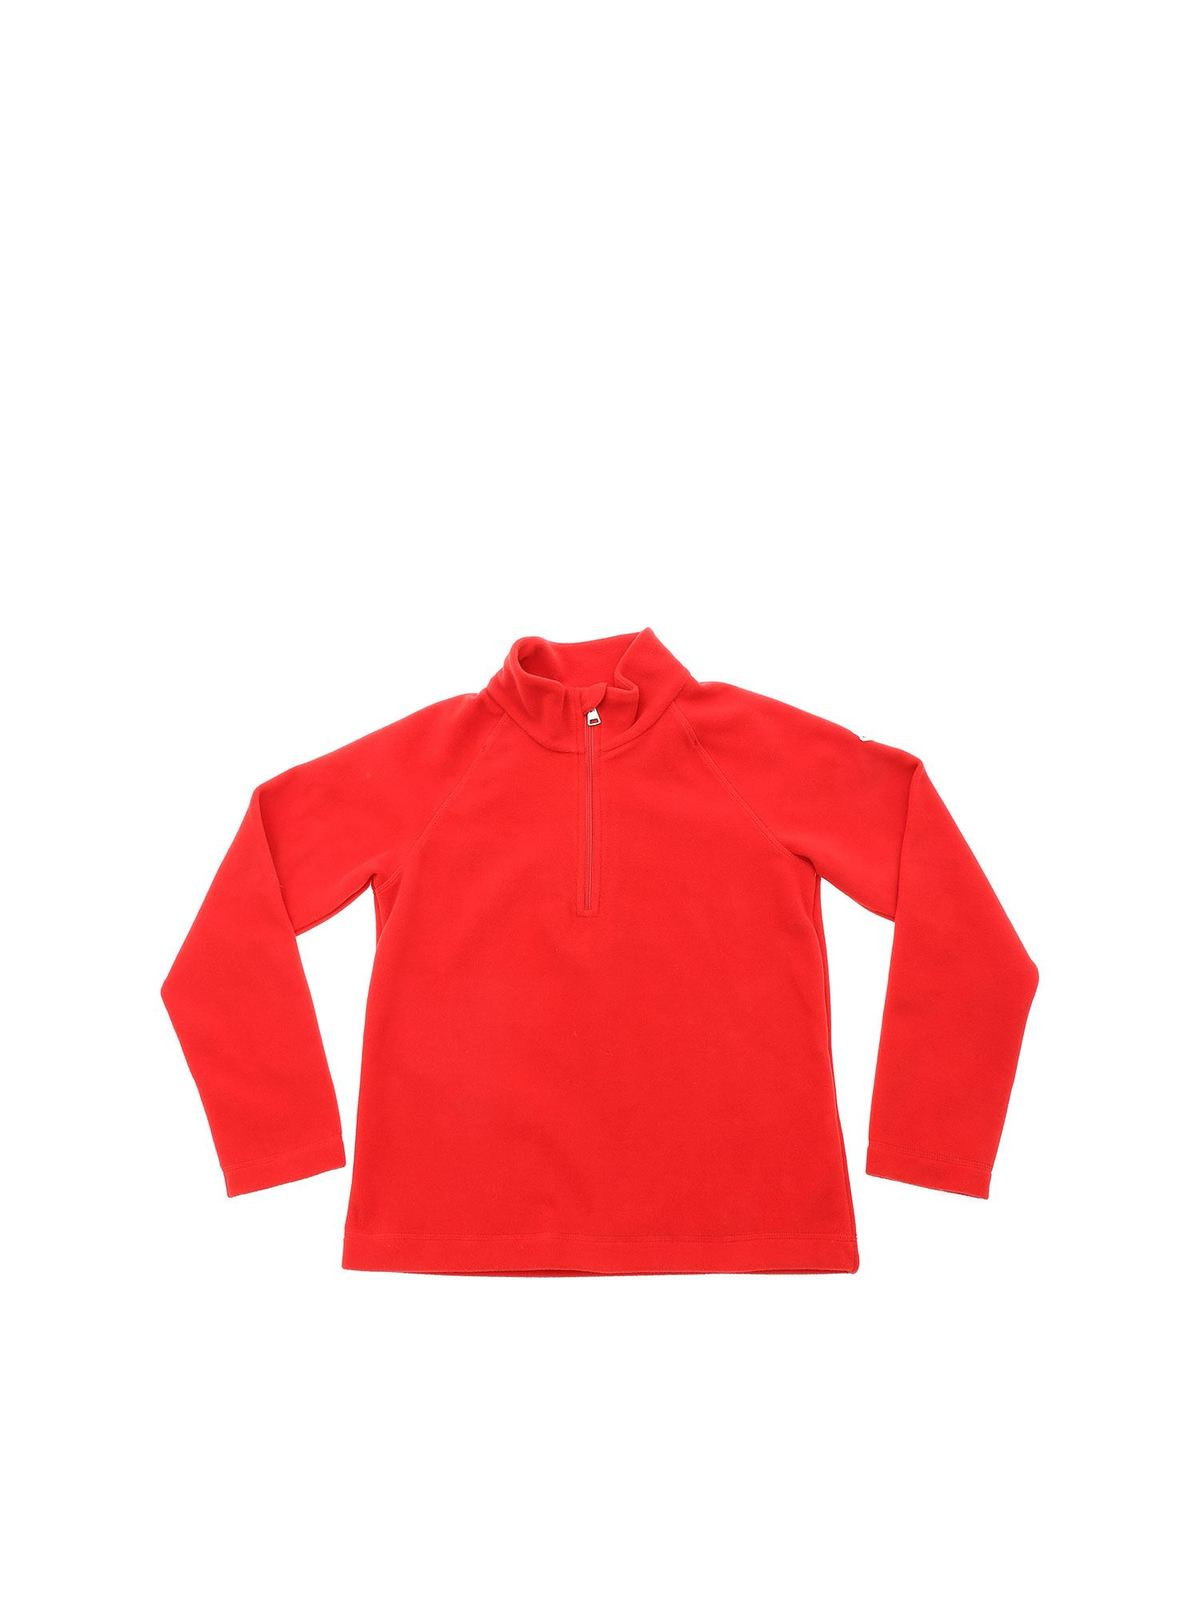 Moncler Jr Sweatshirts RED FLEECE SWEATSHIRT WITH LOGO